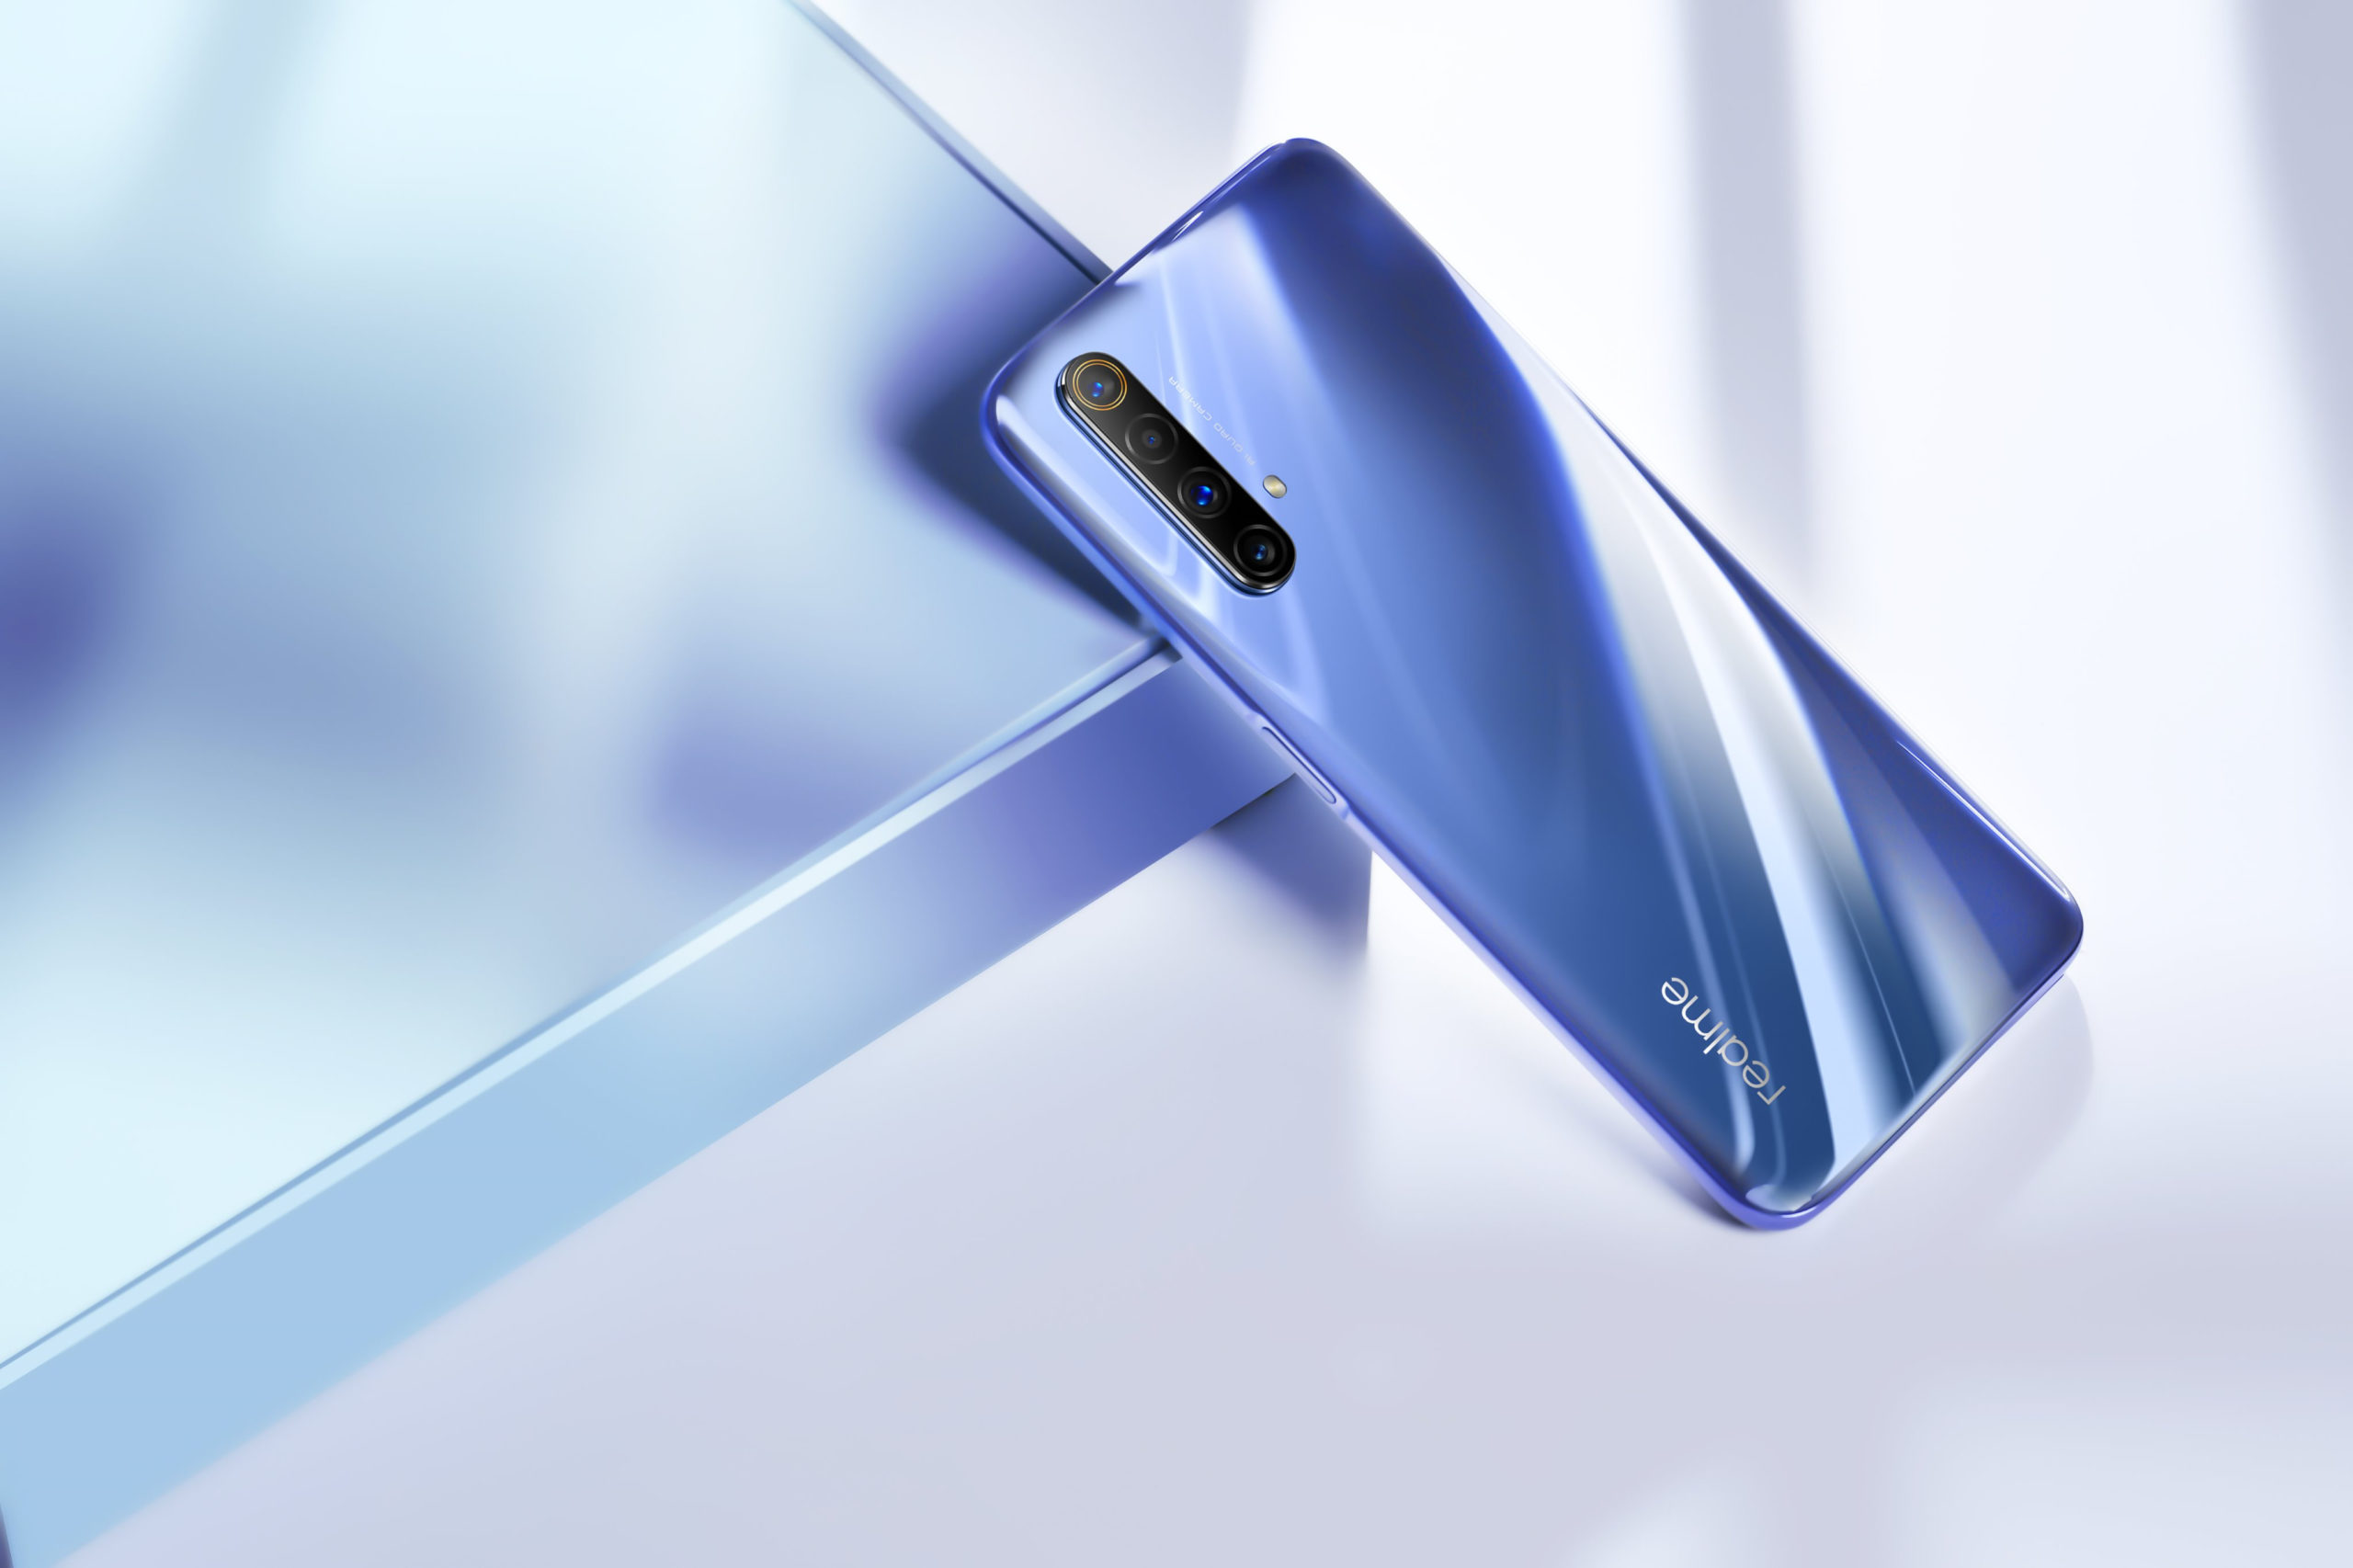 Puntuaciones Realme X50 Pro AnTuTu;  ¡Confirmación del MWC y No X50 para India!